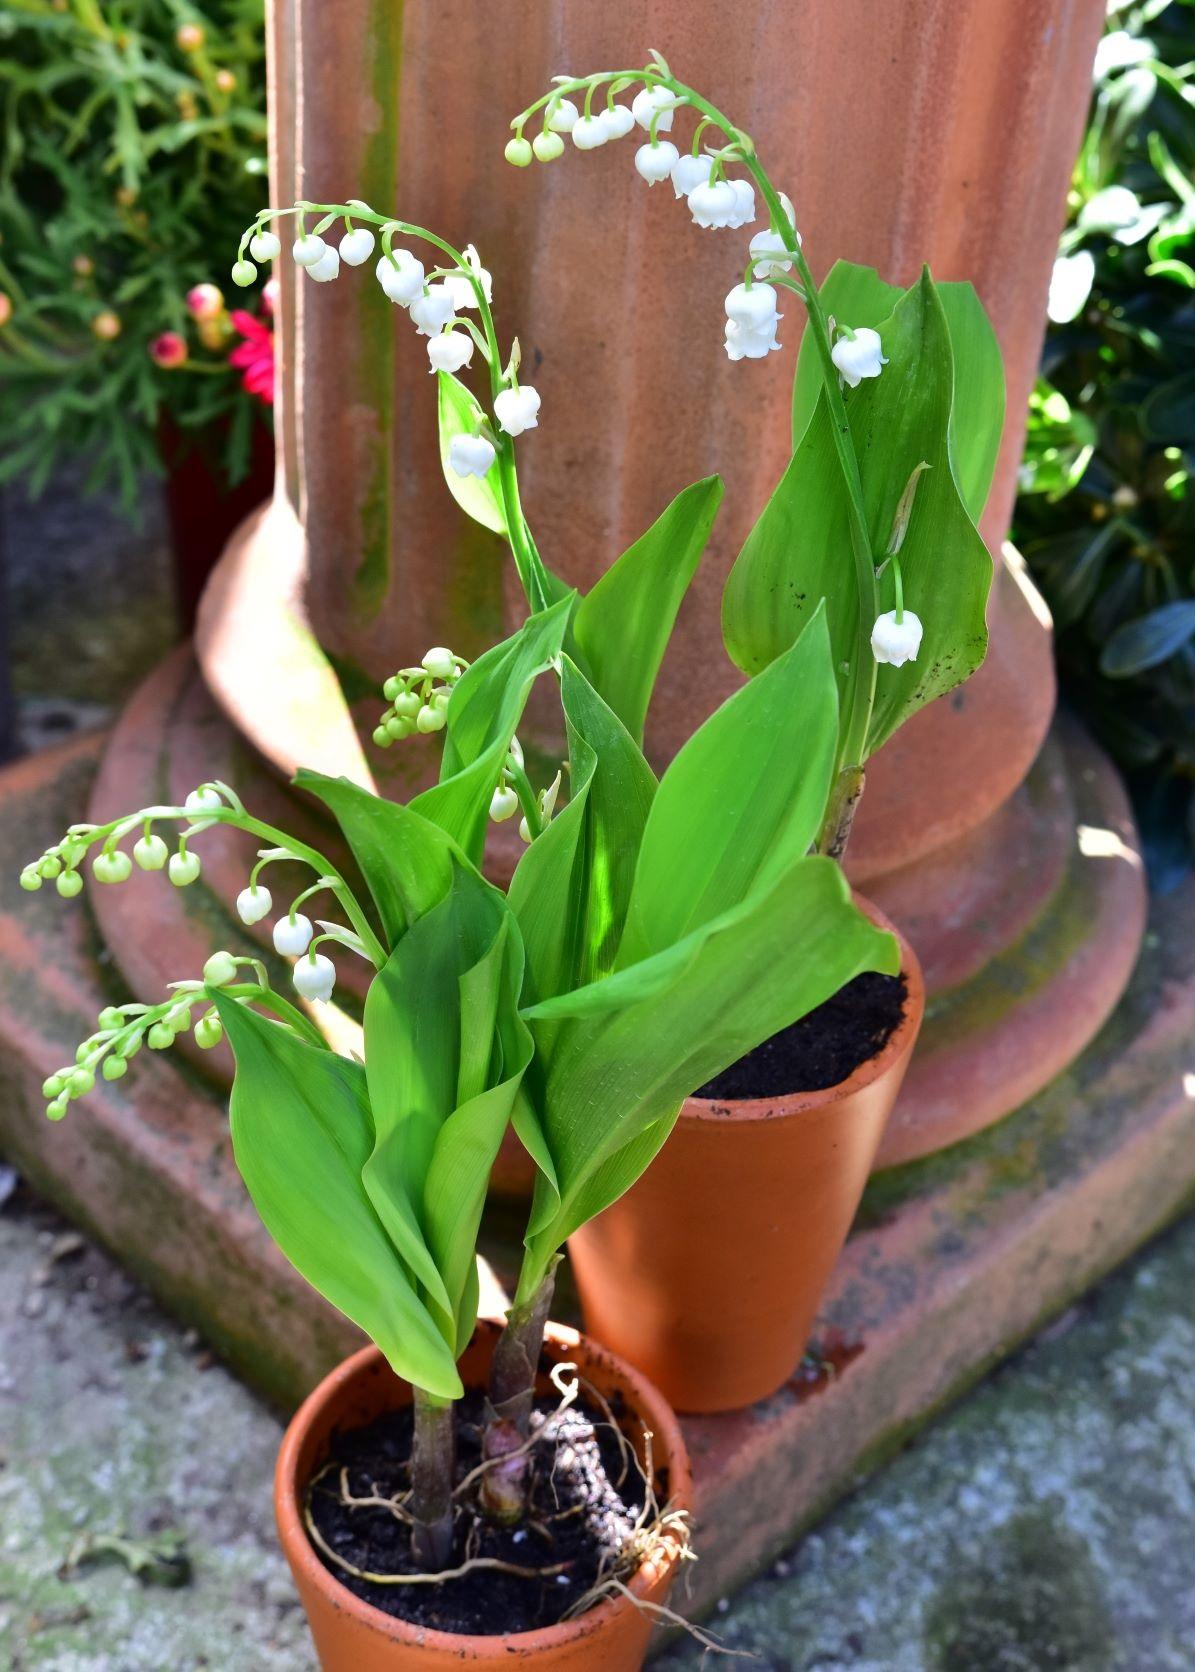 Pot de Muguet - La jardinerie de pessicart - nice Livraison plantes idées cadeau